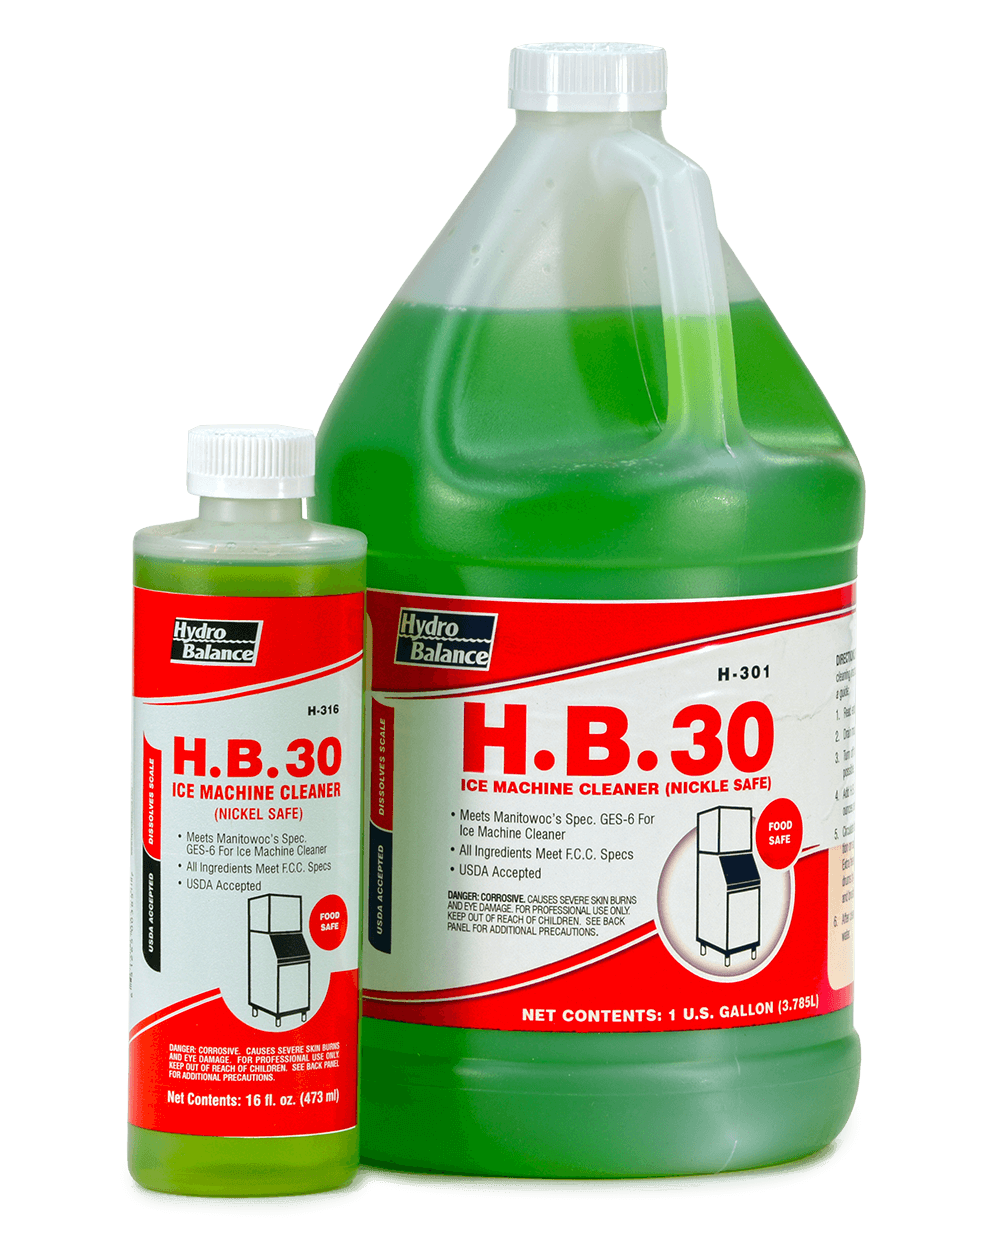 H-301-H-316